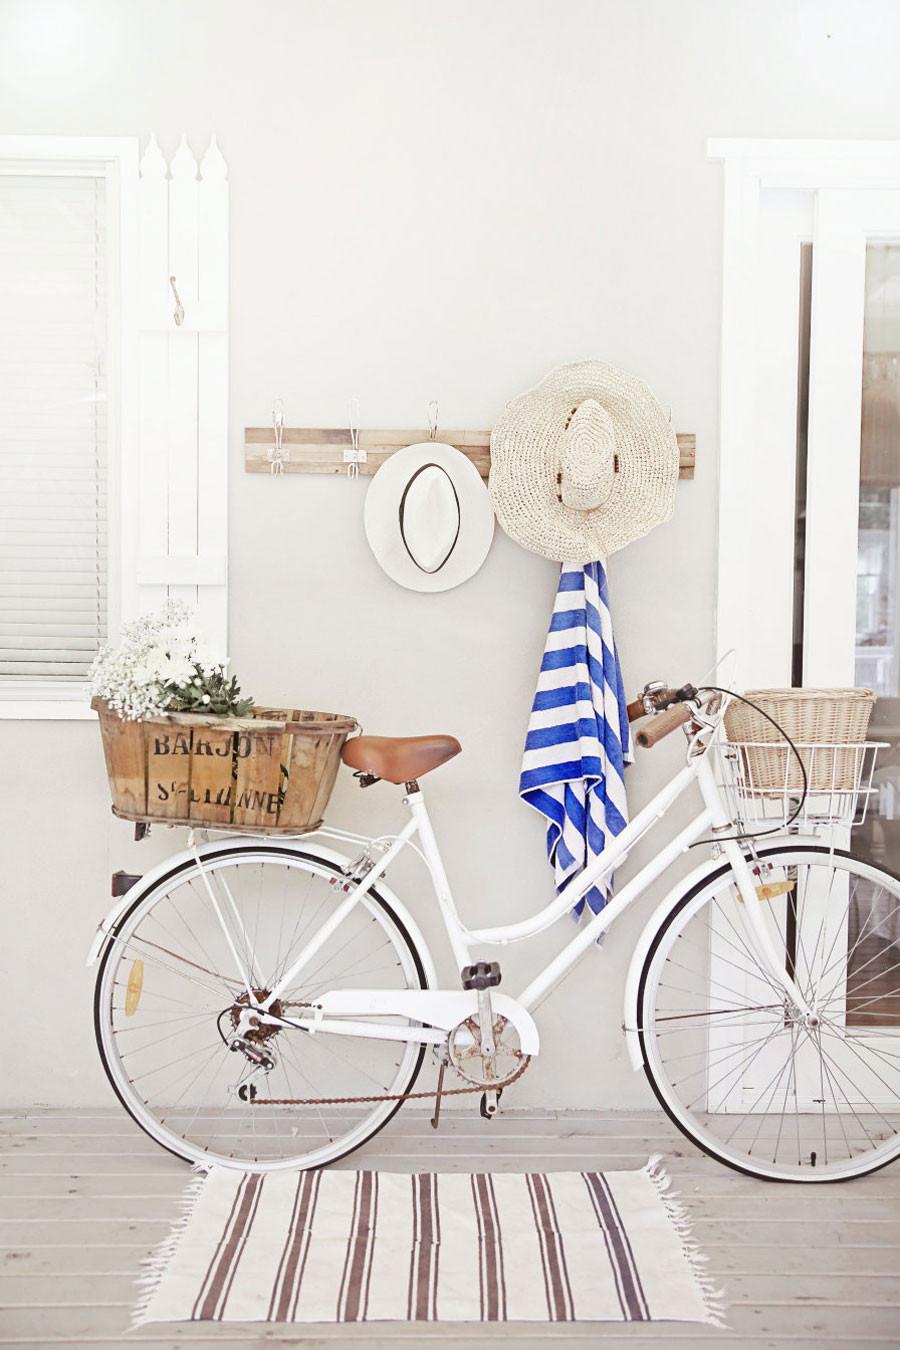 quà sinh nhật cho bé gái 10 tuổi - xe đạp